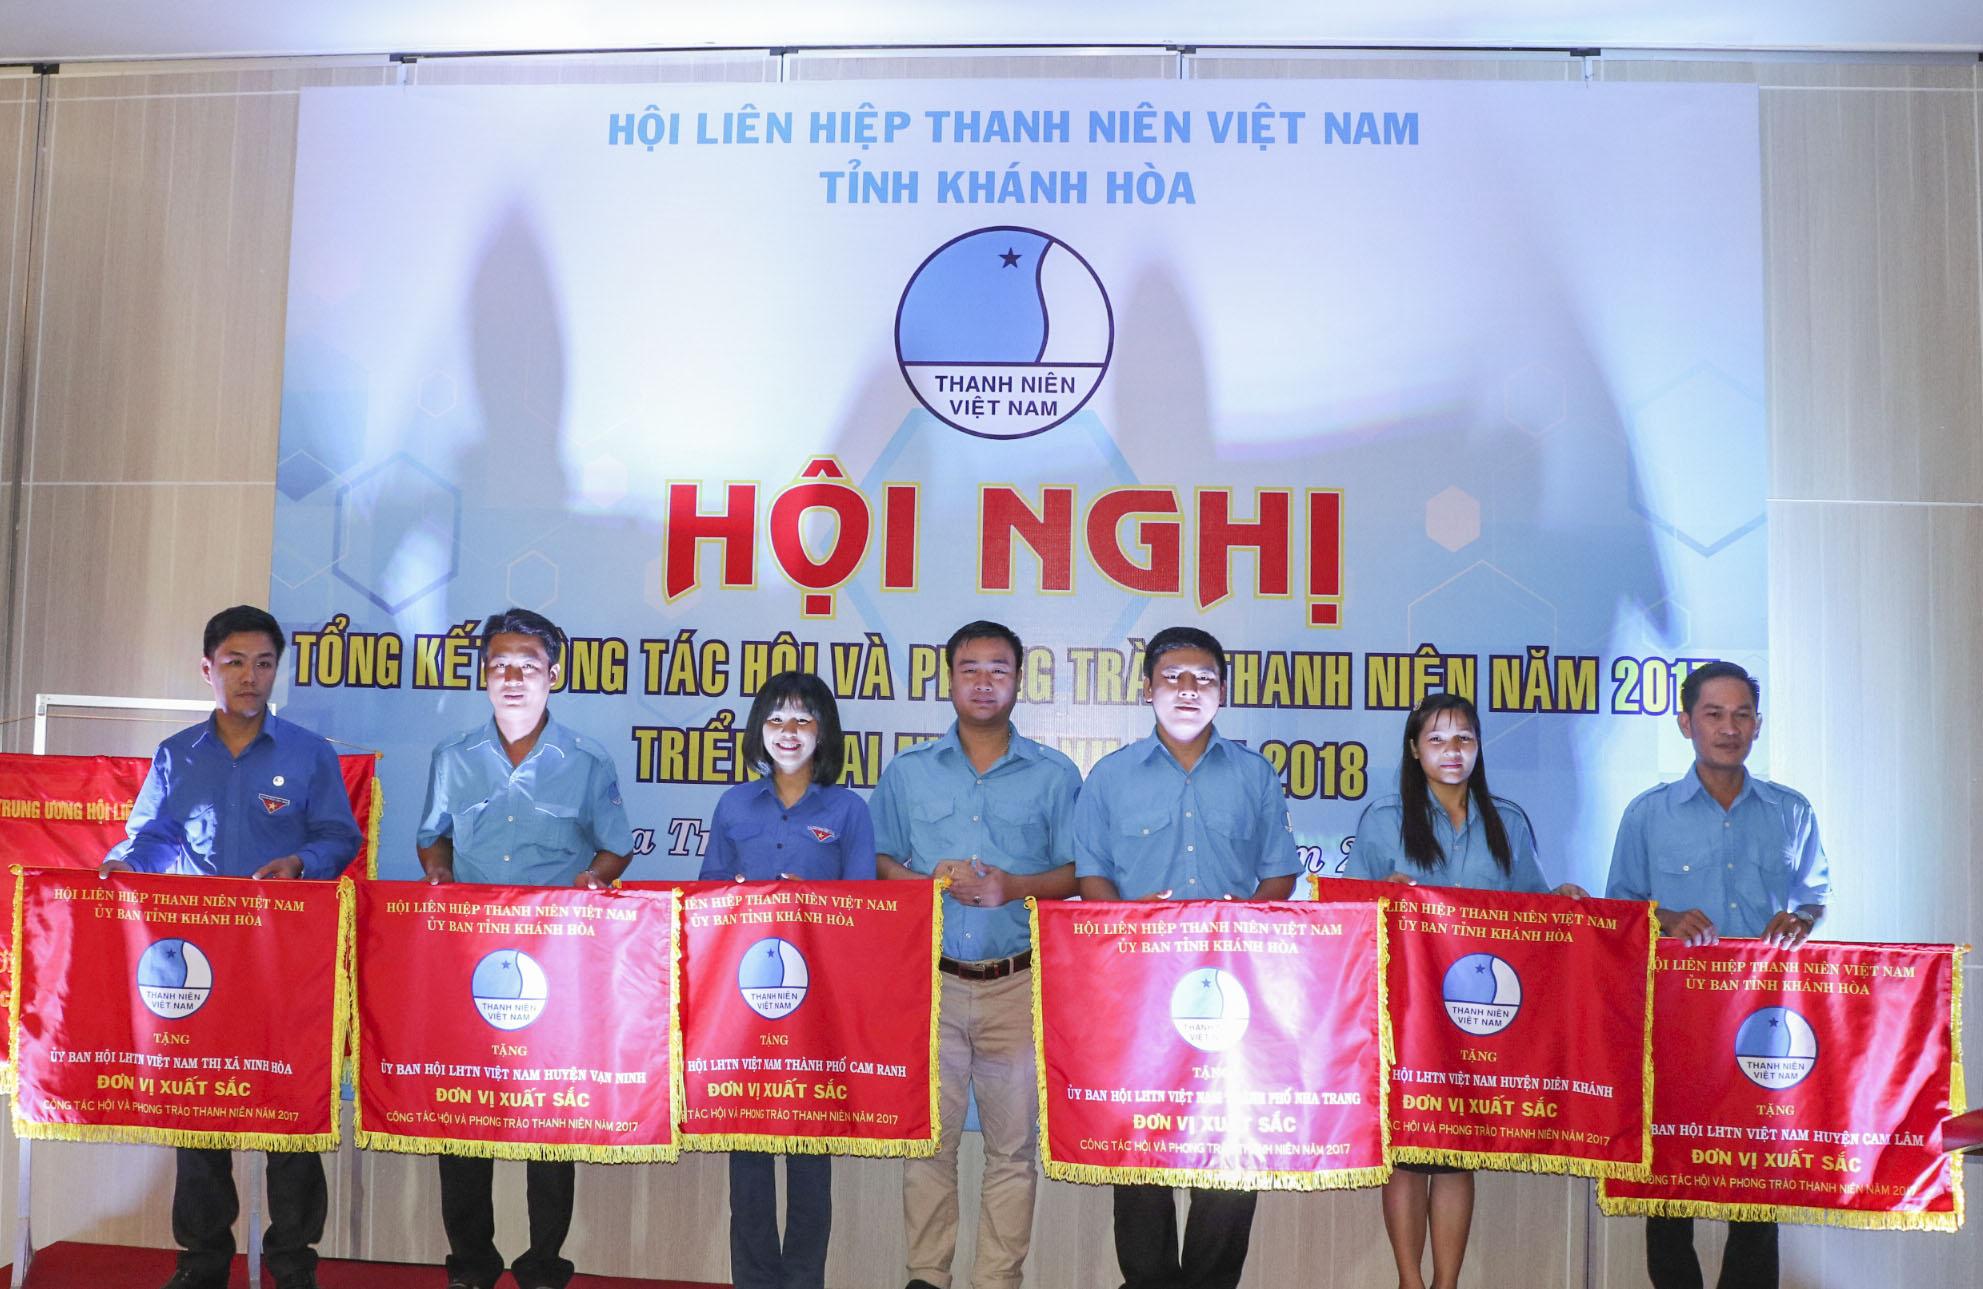 Anh Nguyễn Văn Nhuận - Bí thư Tỉnh đoàn, Chủ tịch Hội Liên hiệp Thanh niên Việt Nam tỉnh trao cờ thi đua xuất sắc cho các tập thể xuất sắc